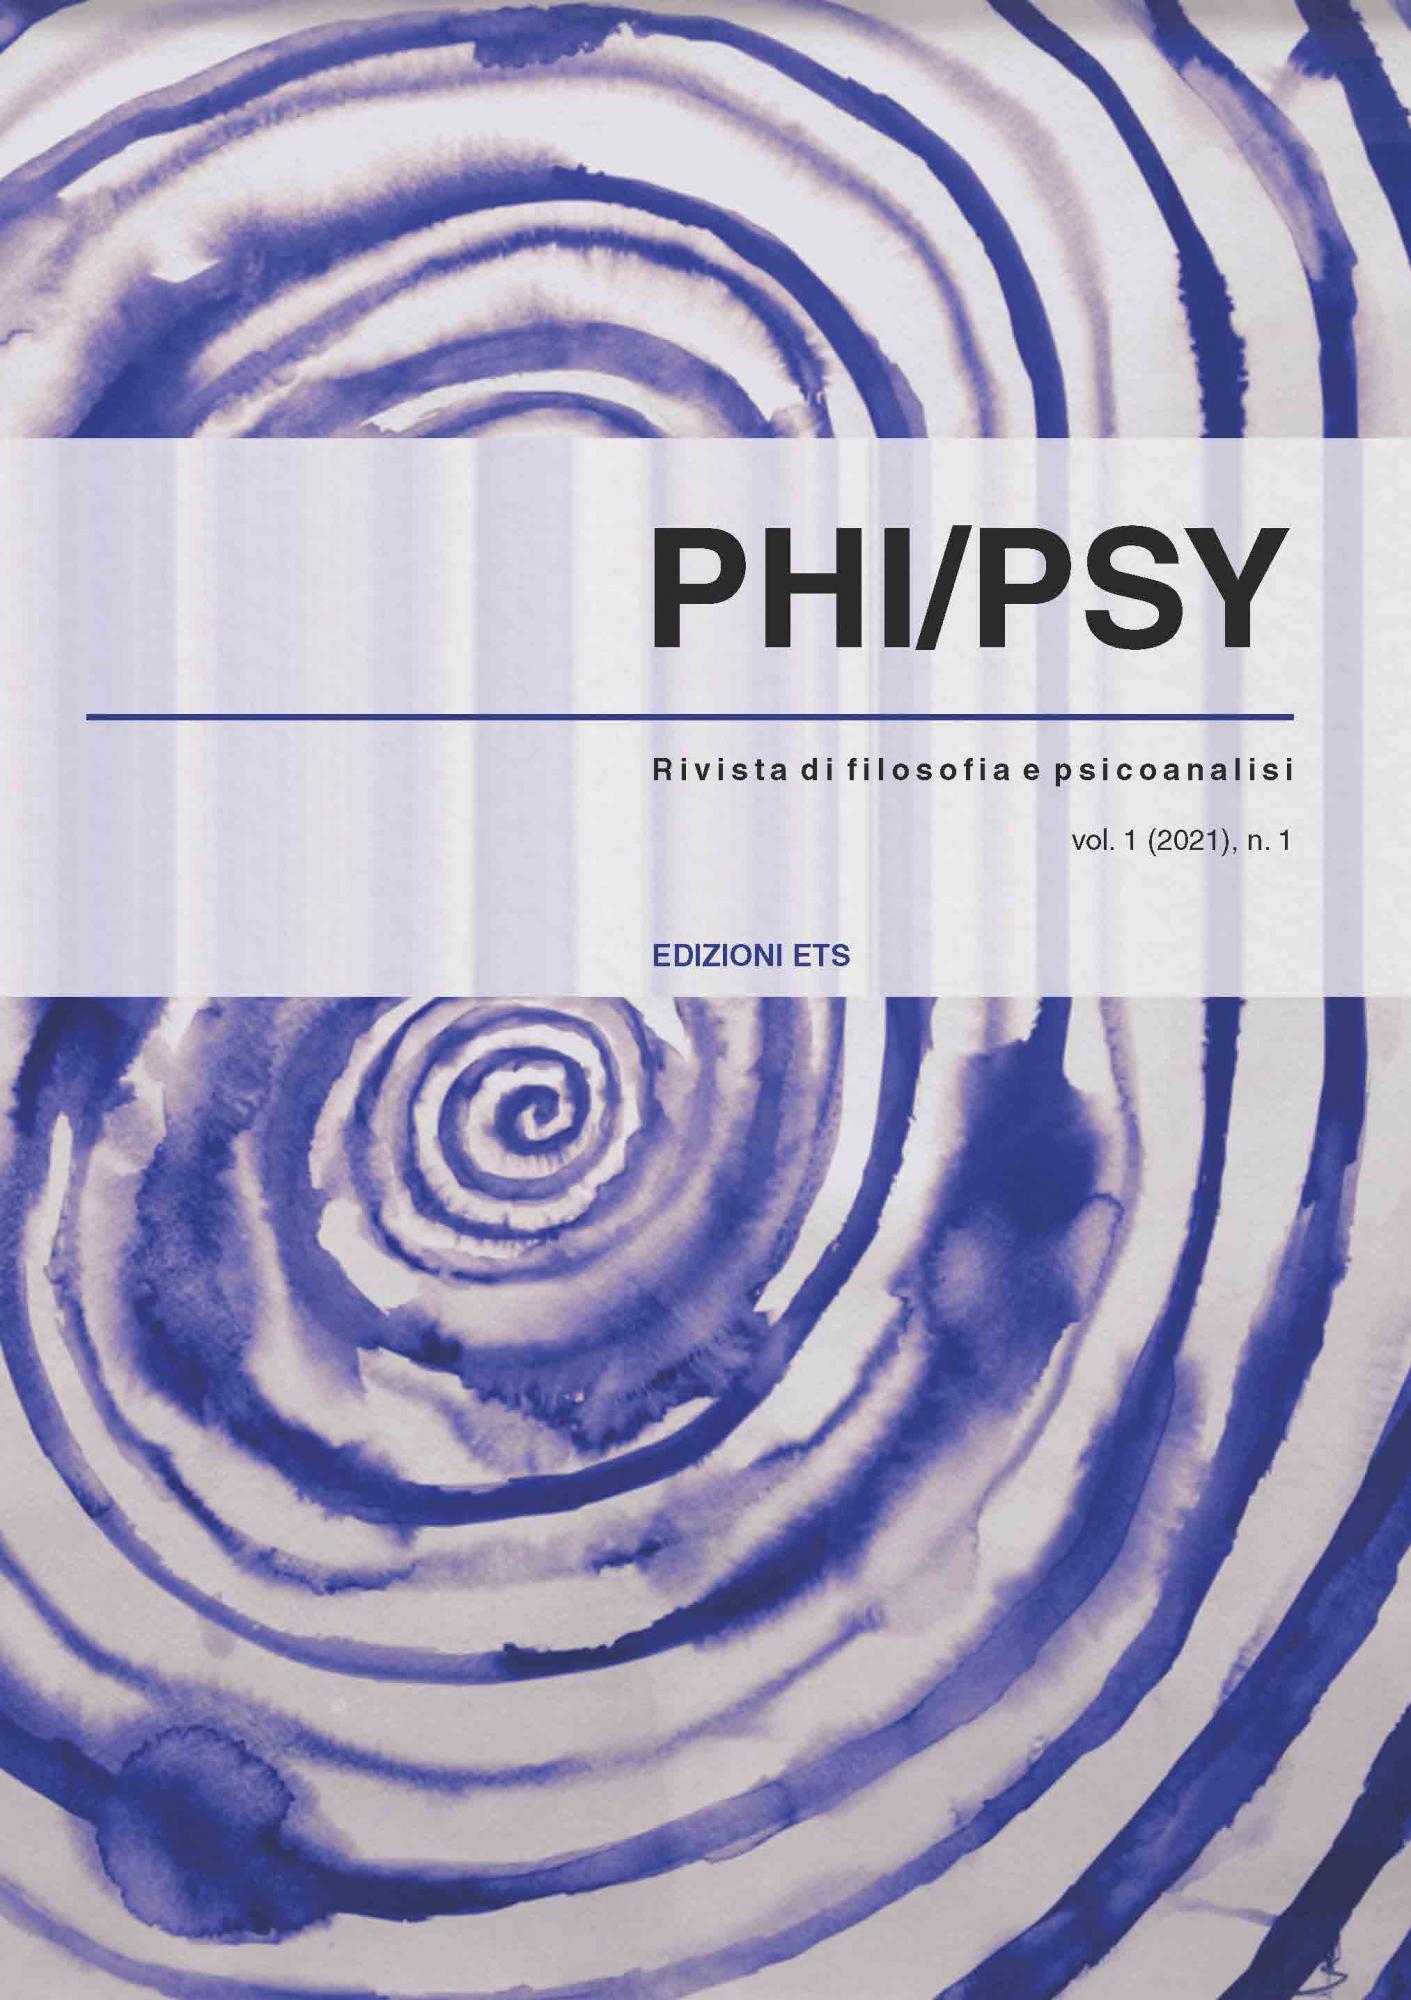 PHI/PSY, 1-2021, I.Rivista di filosofia e psicoanalisi